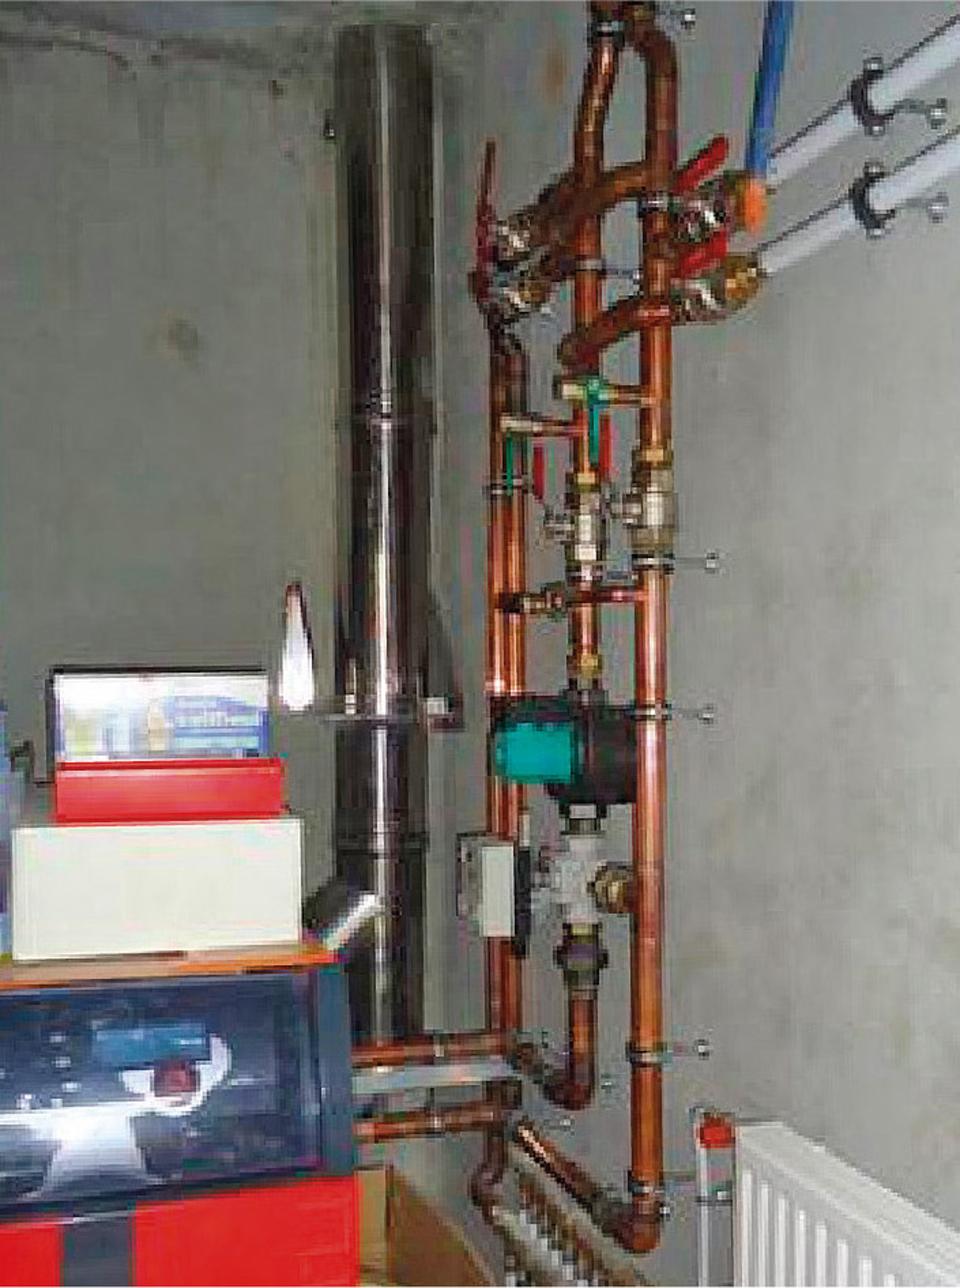 Réseau de distribution de chauffage sans isolation thermique